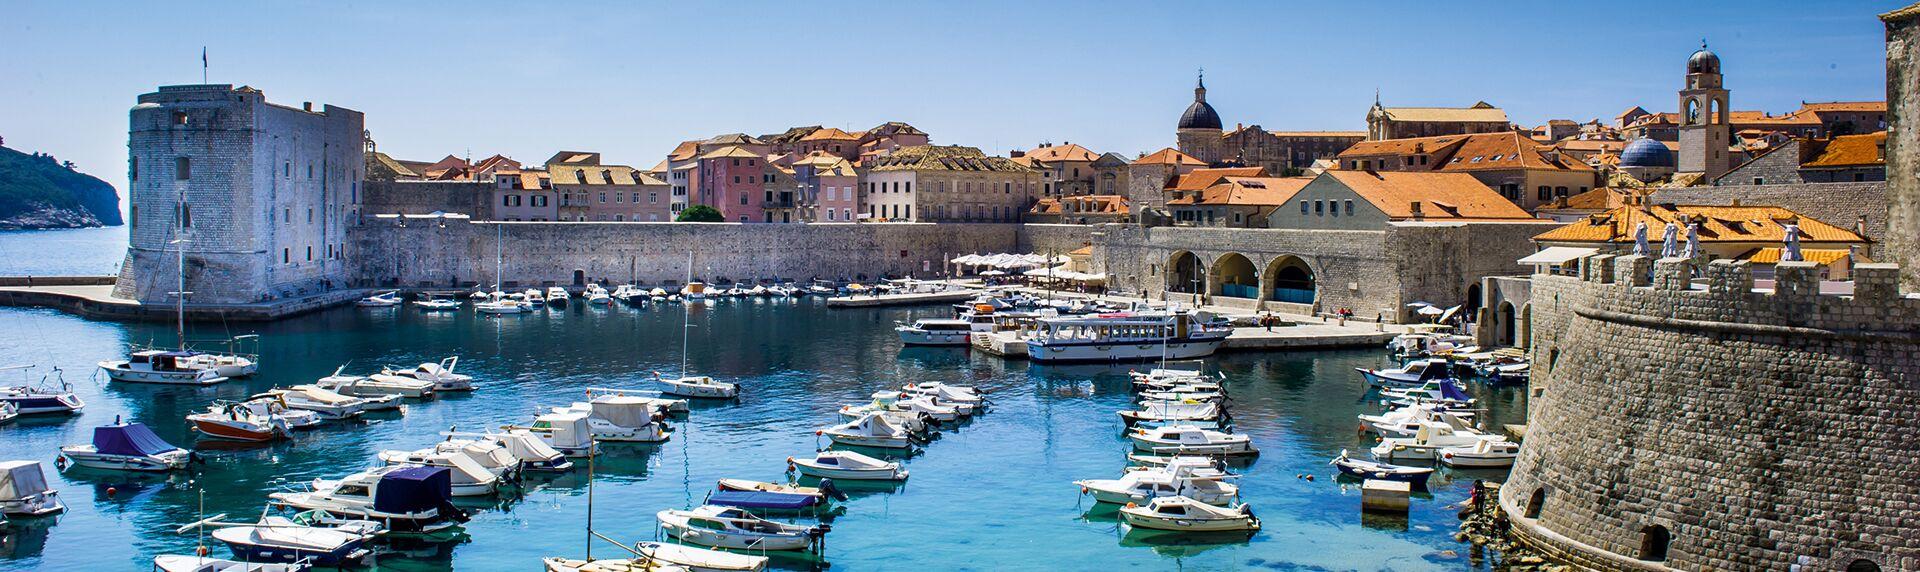 Kroatien-montenegro Hafen Dubrovnik.jpeg